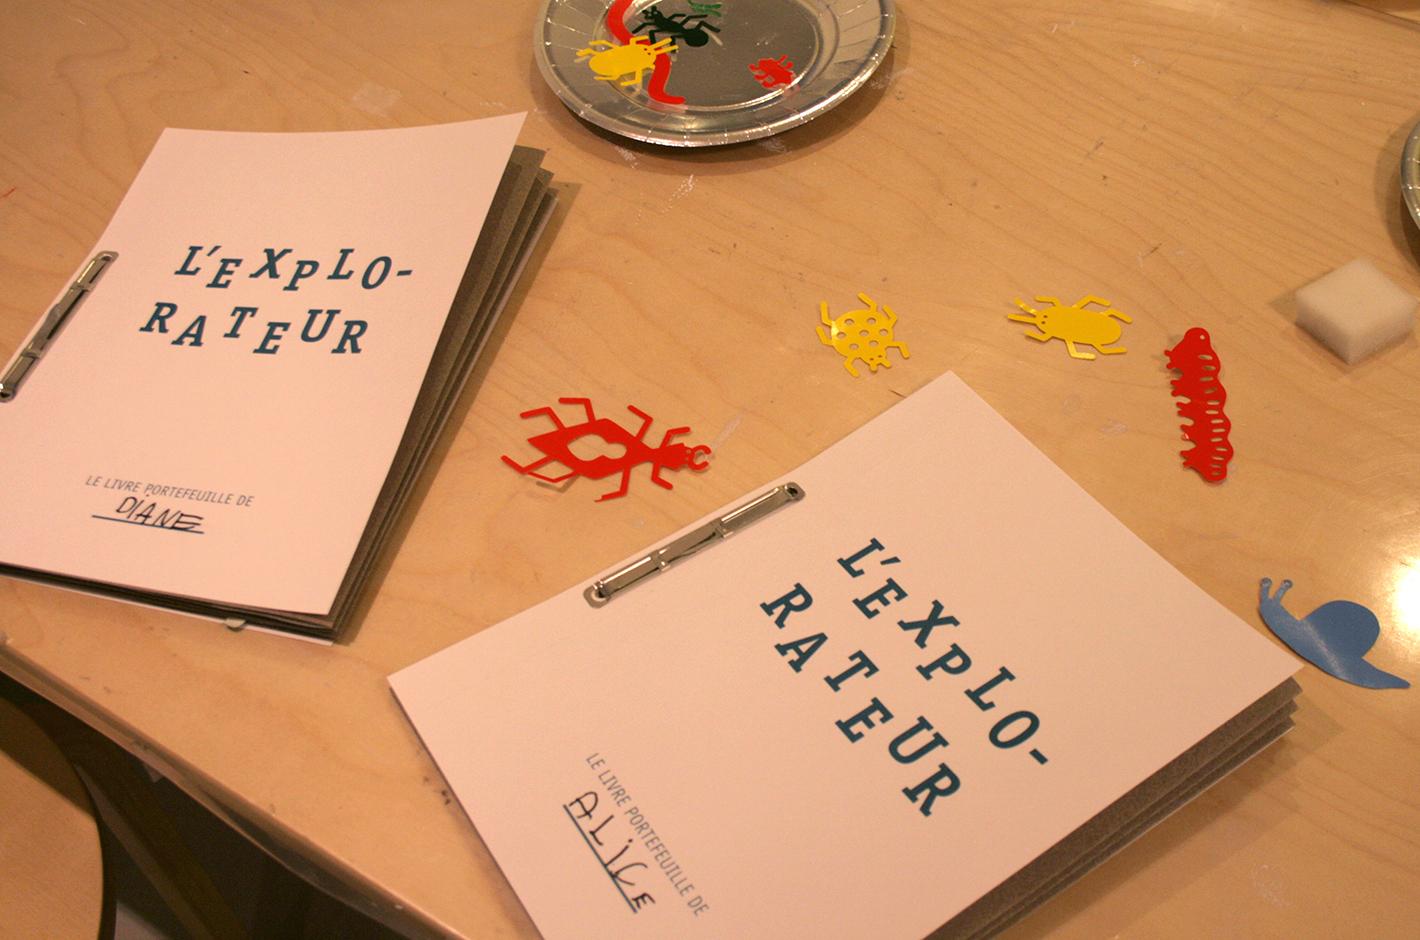 livres à combines — livre portefeuille — librairie séries graphiques — atelier